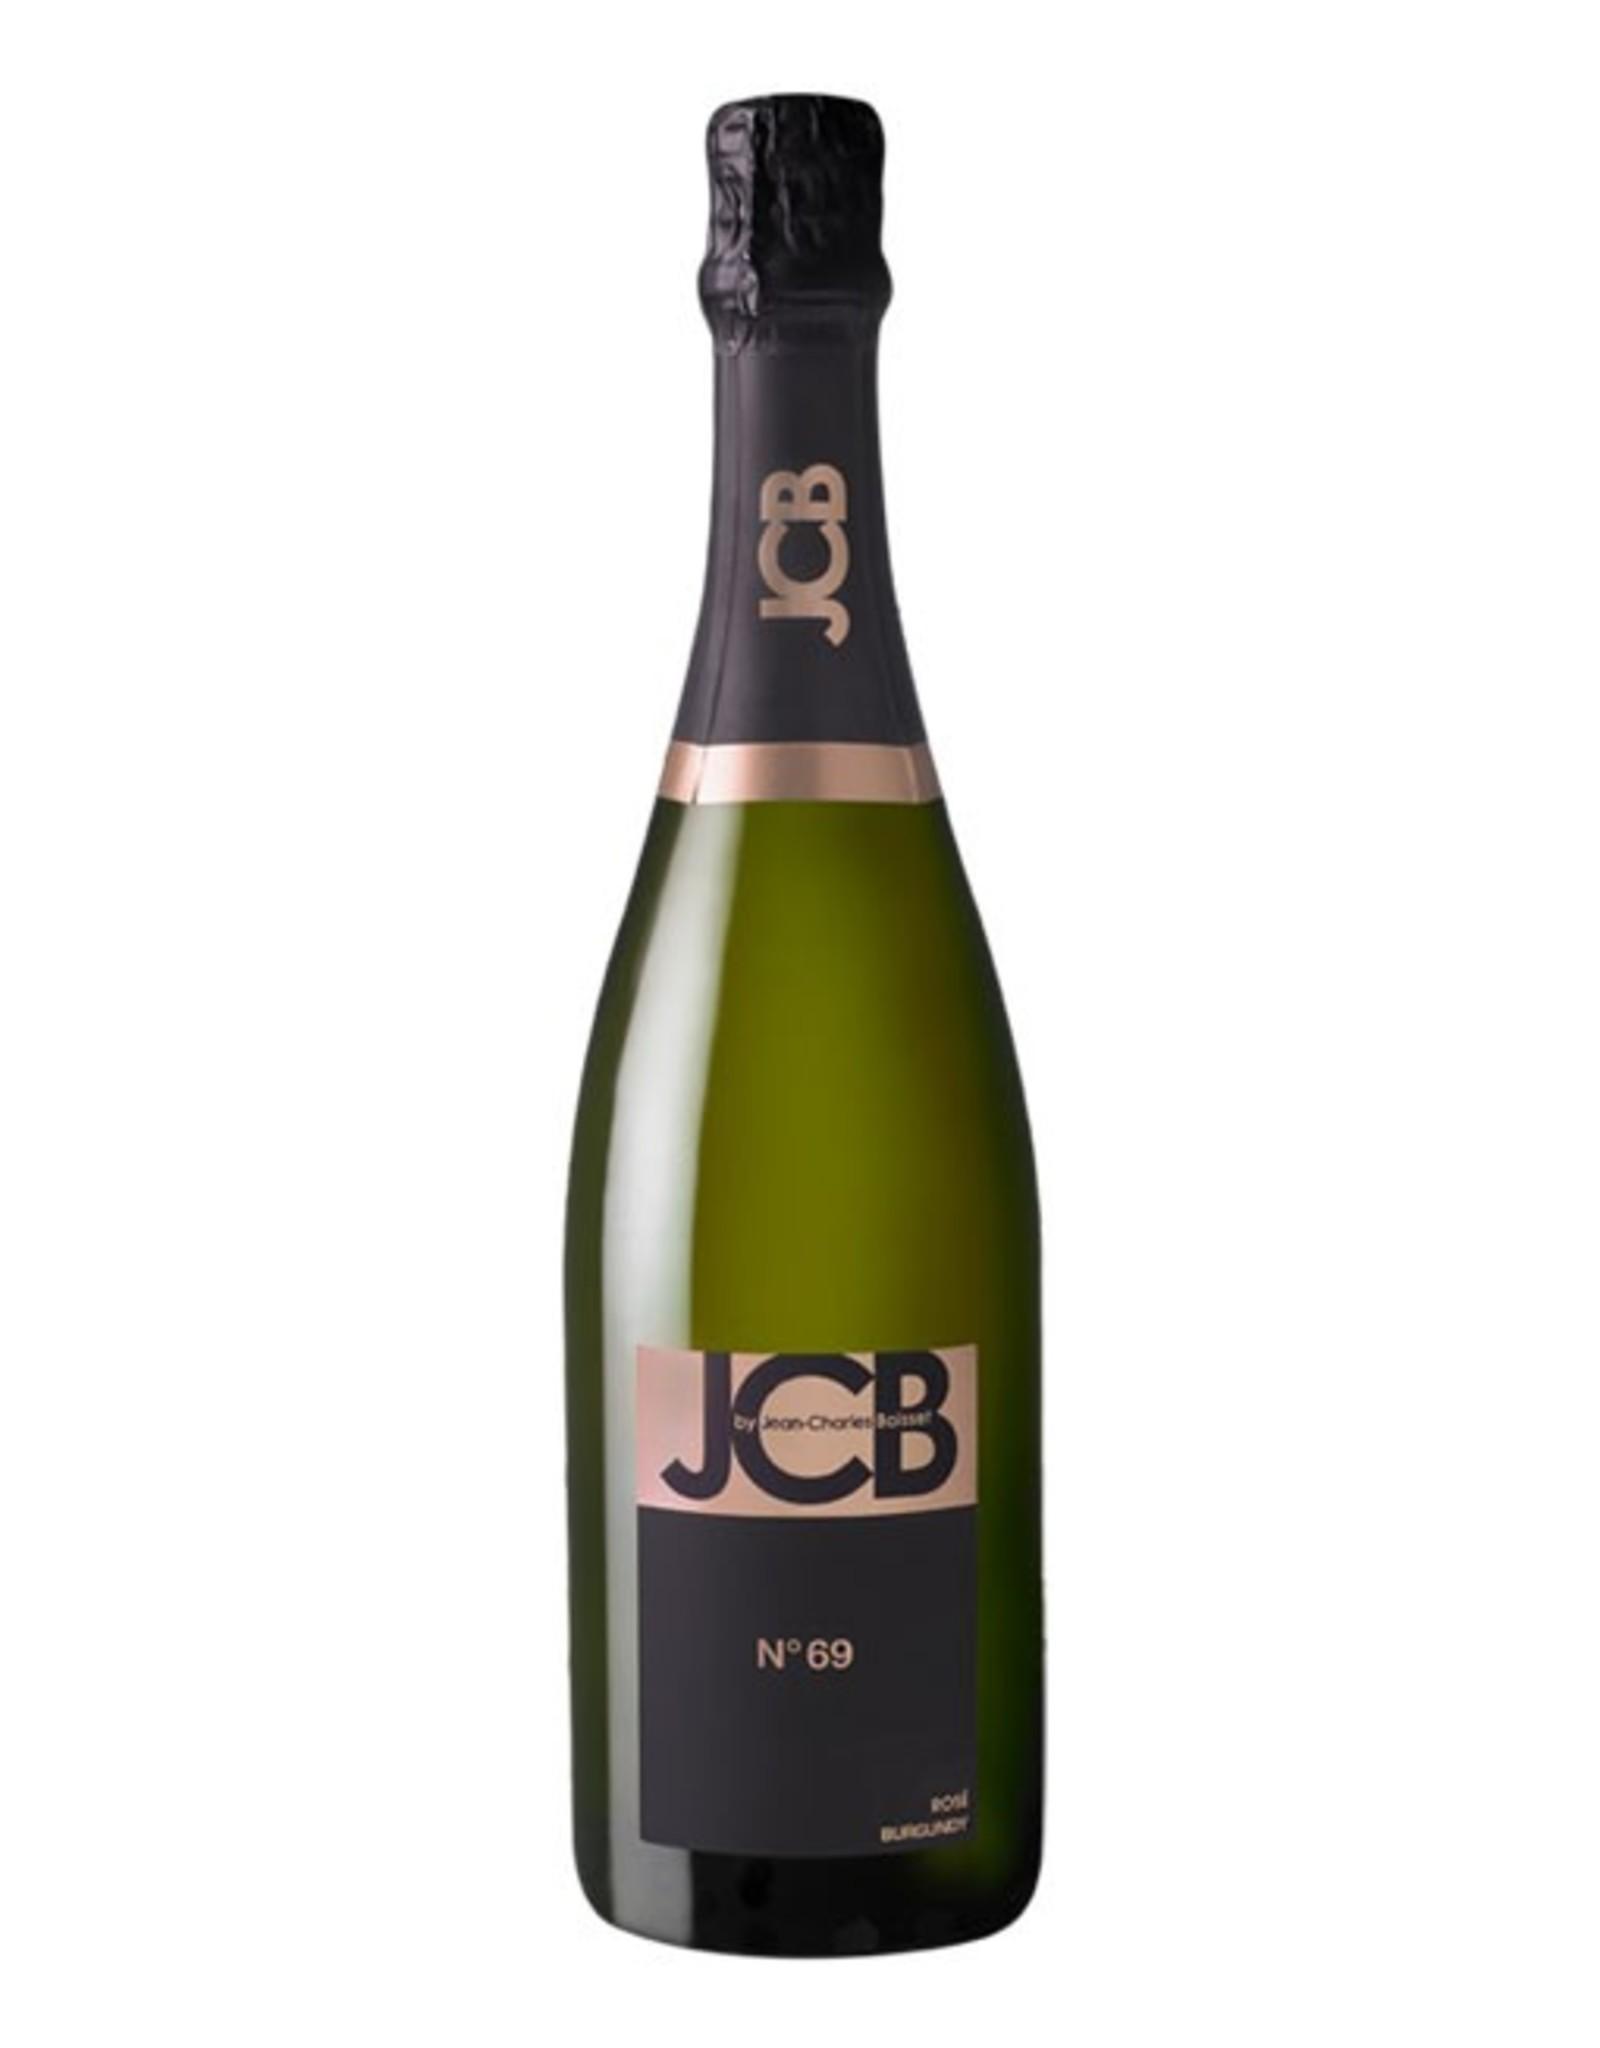 Sparkling Wine NV, JCB No. 69 Brut Rose, Sparkling, Cremant de Bourgogne, Burgundy, France, 12% Alc, CT91, TW92